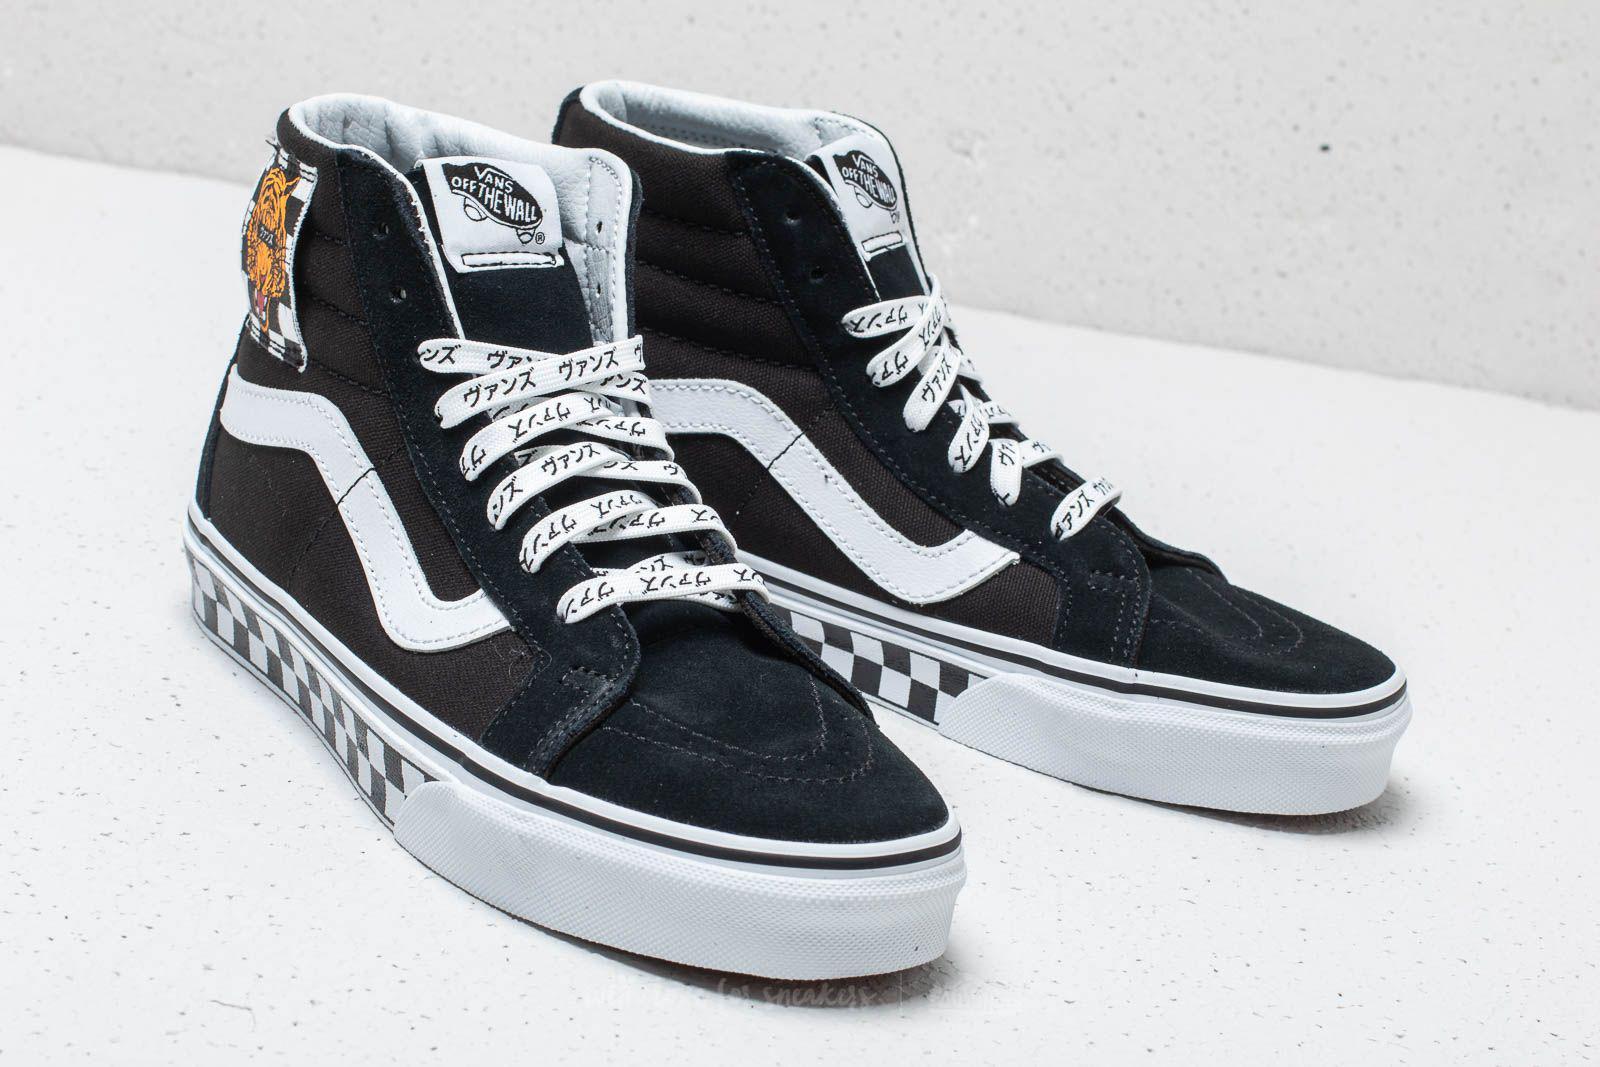 af421e543f Lyst - Vans (tiger Check) Sk8-hi Reissue Black  True White in Black ...